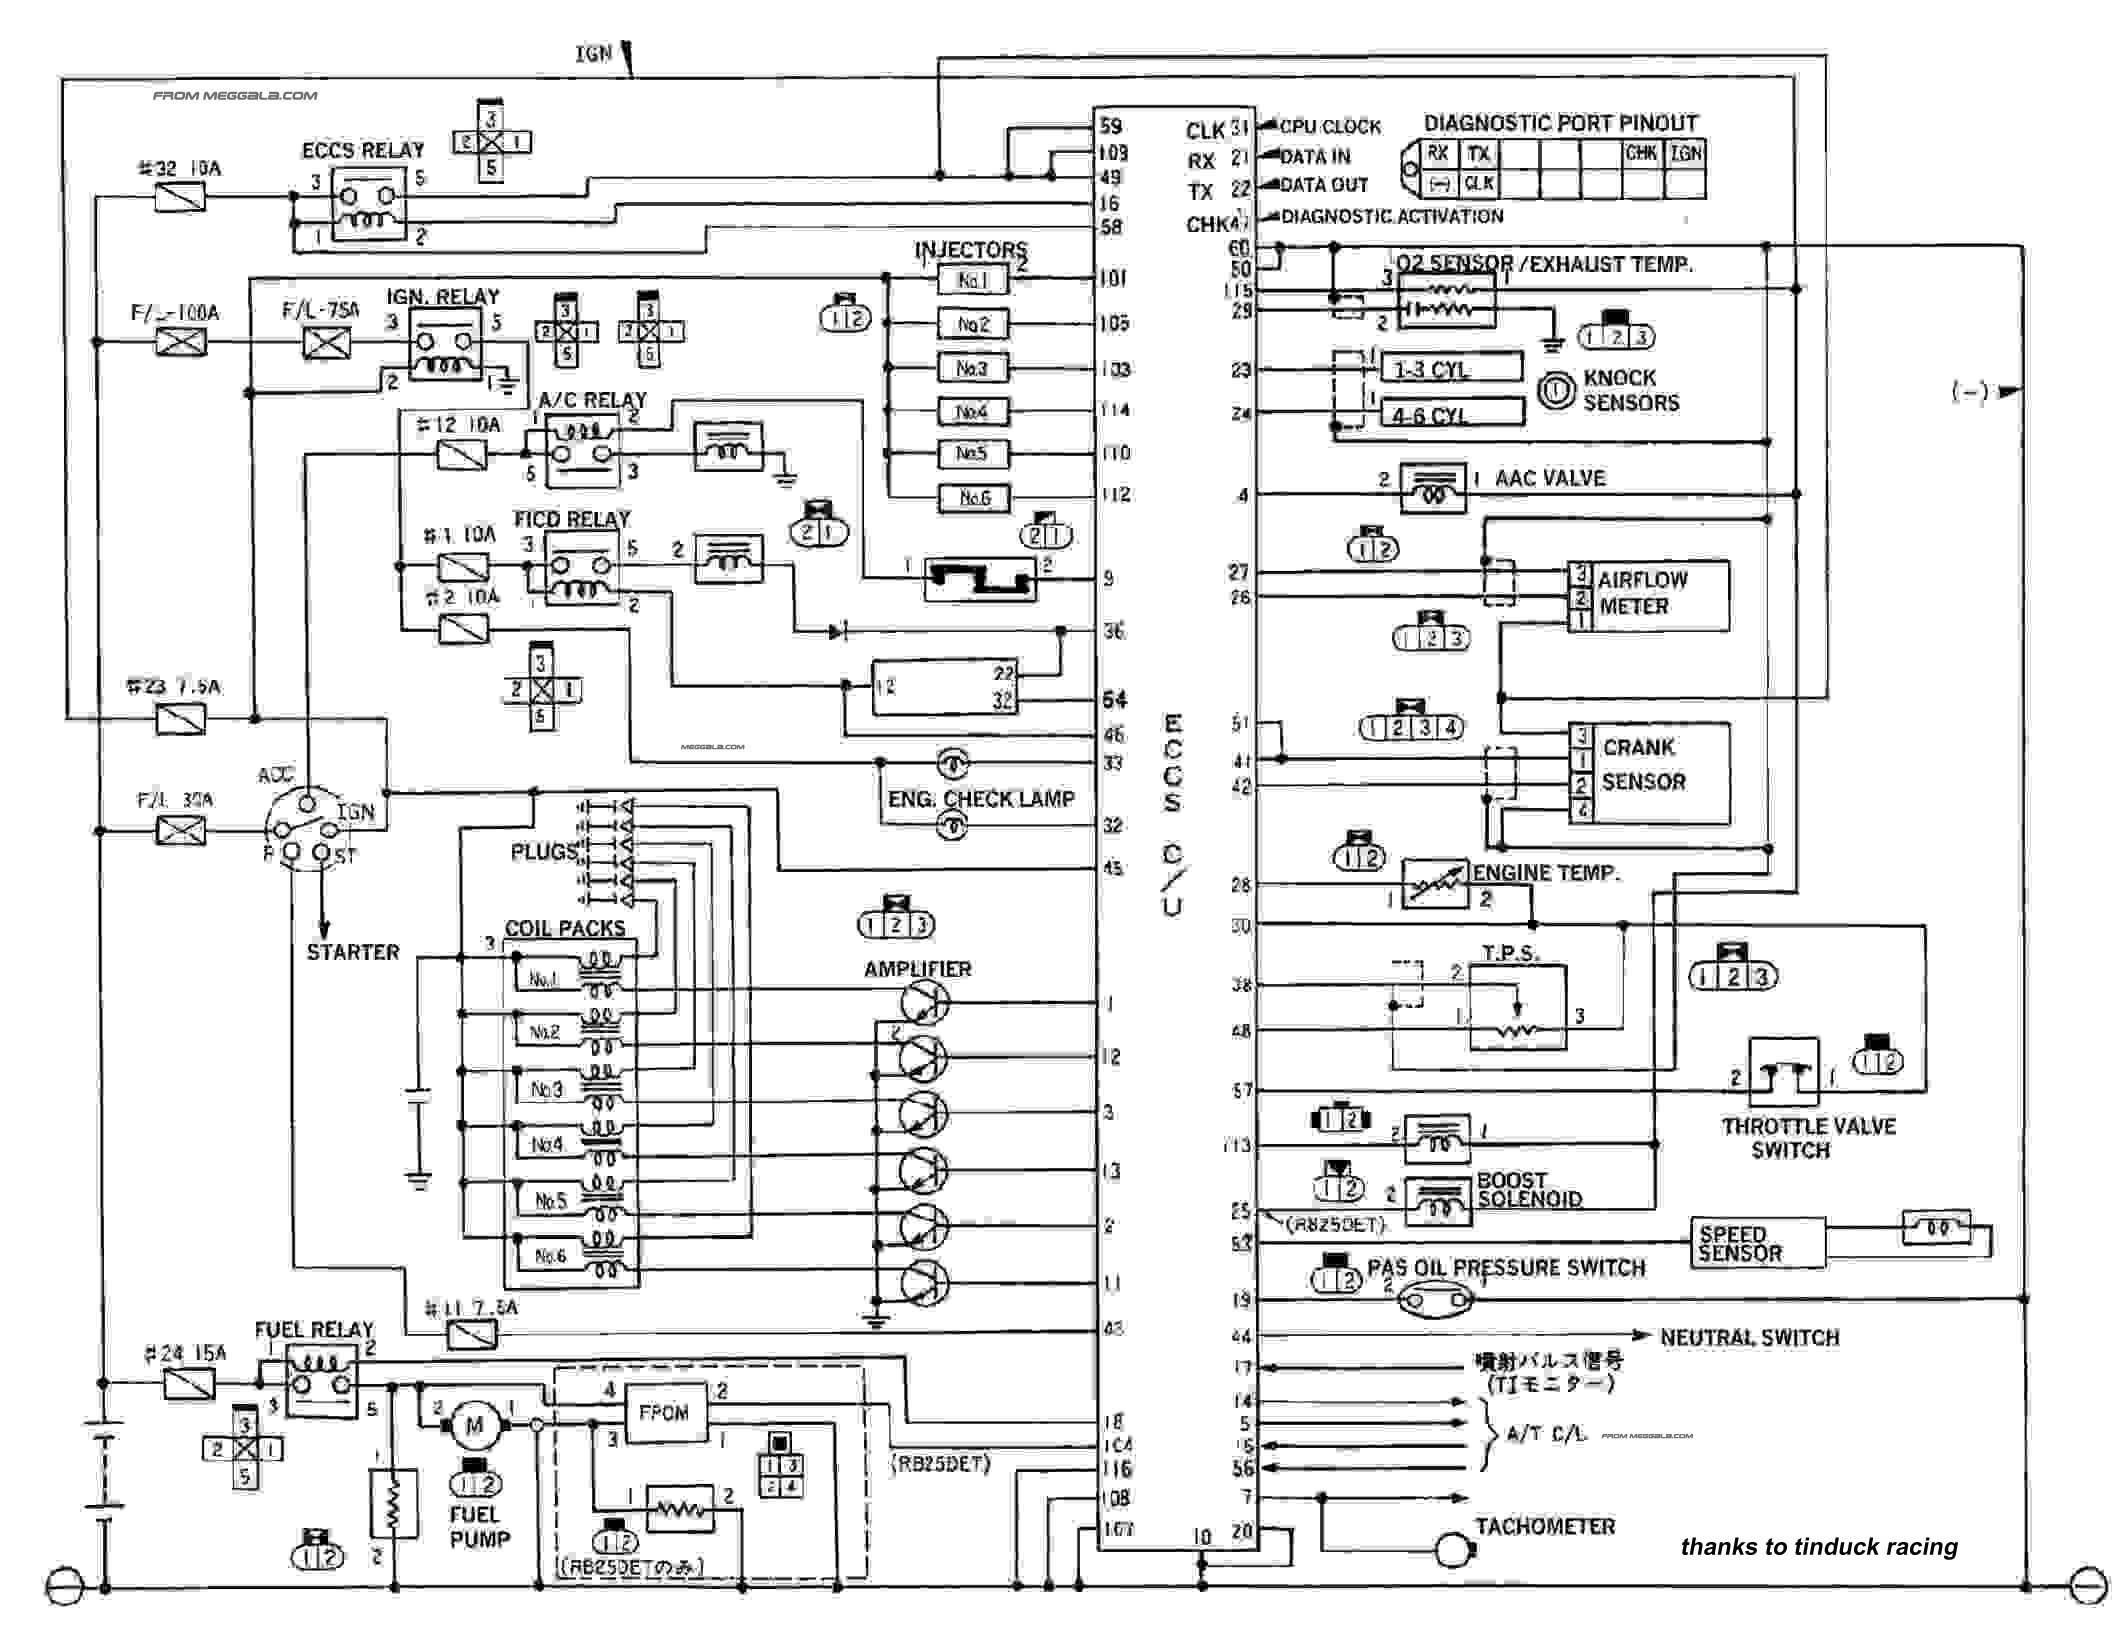 infiniti g20 radio wiring diagram wiring diagram